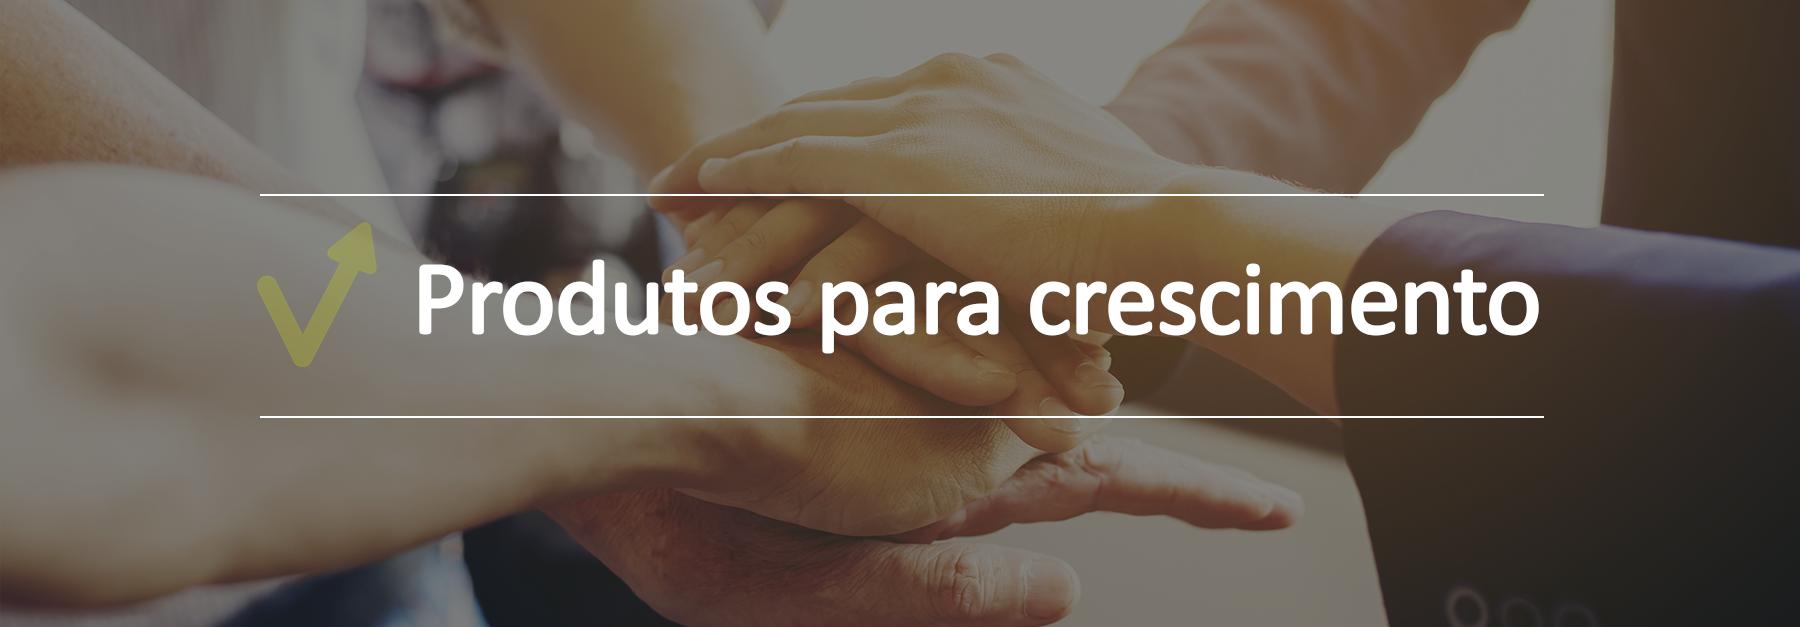 prod_cresc_3